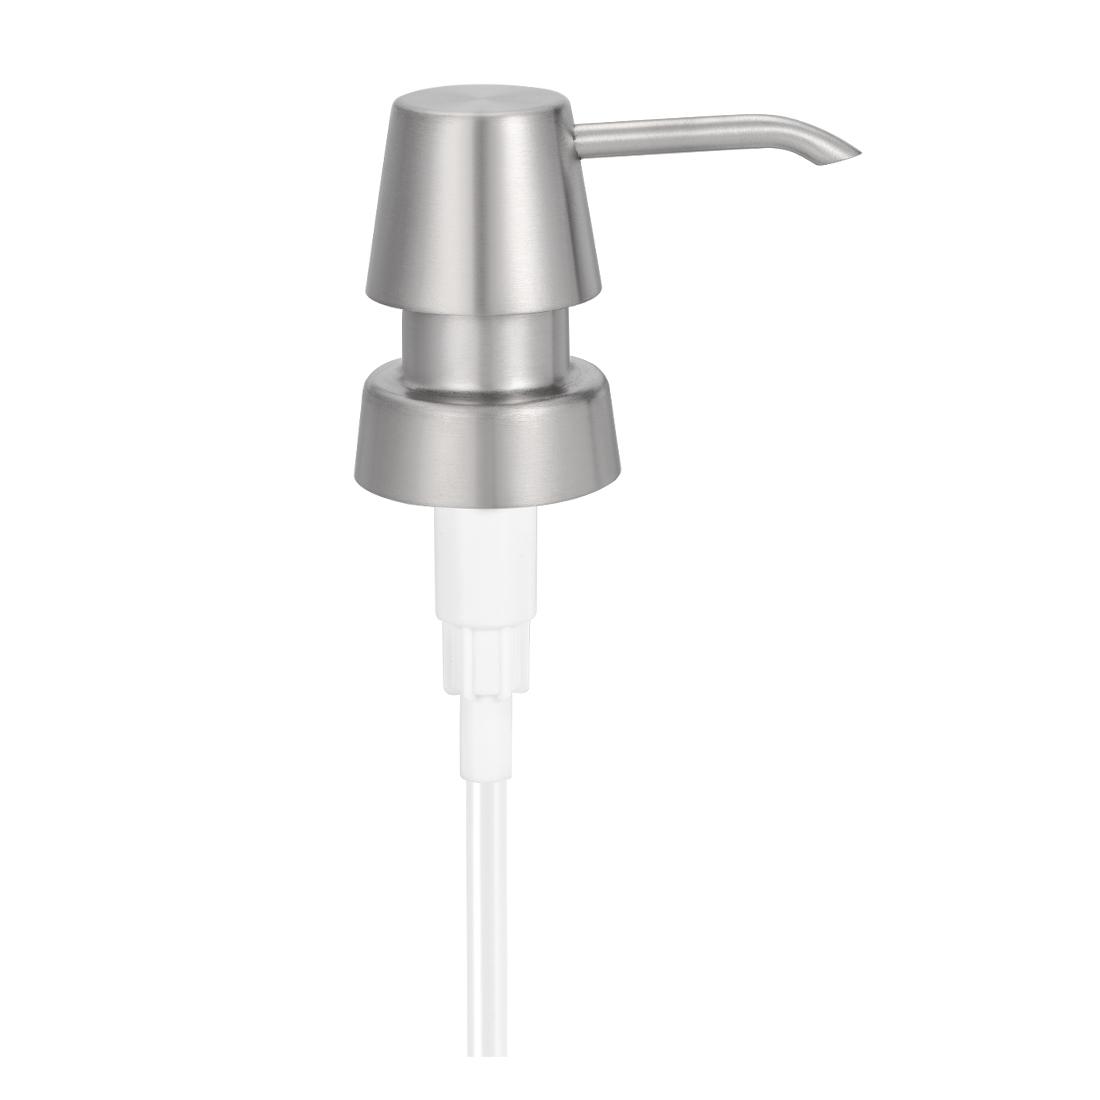 Soap Lotion Dispenser Pumps Replacement Pump Fit for 25mm Bottle Dia, 101mm Long